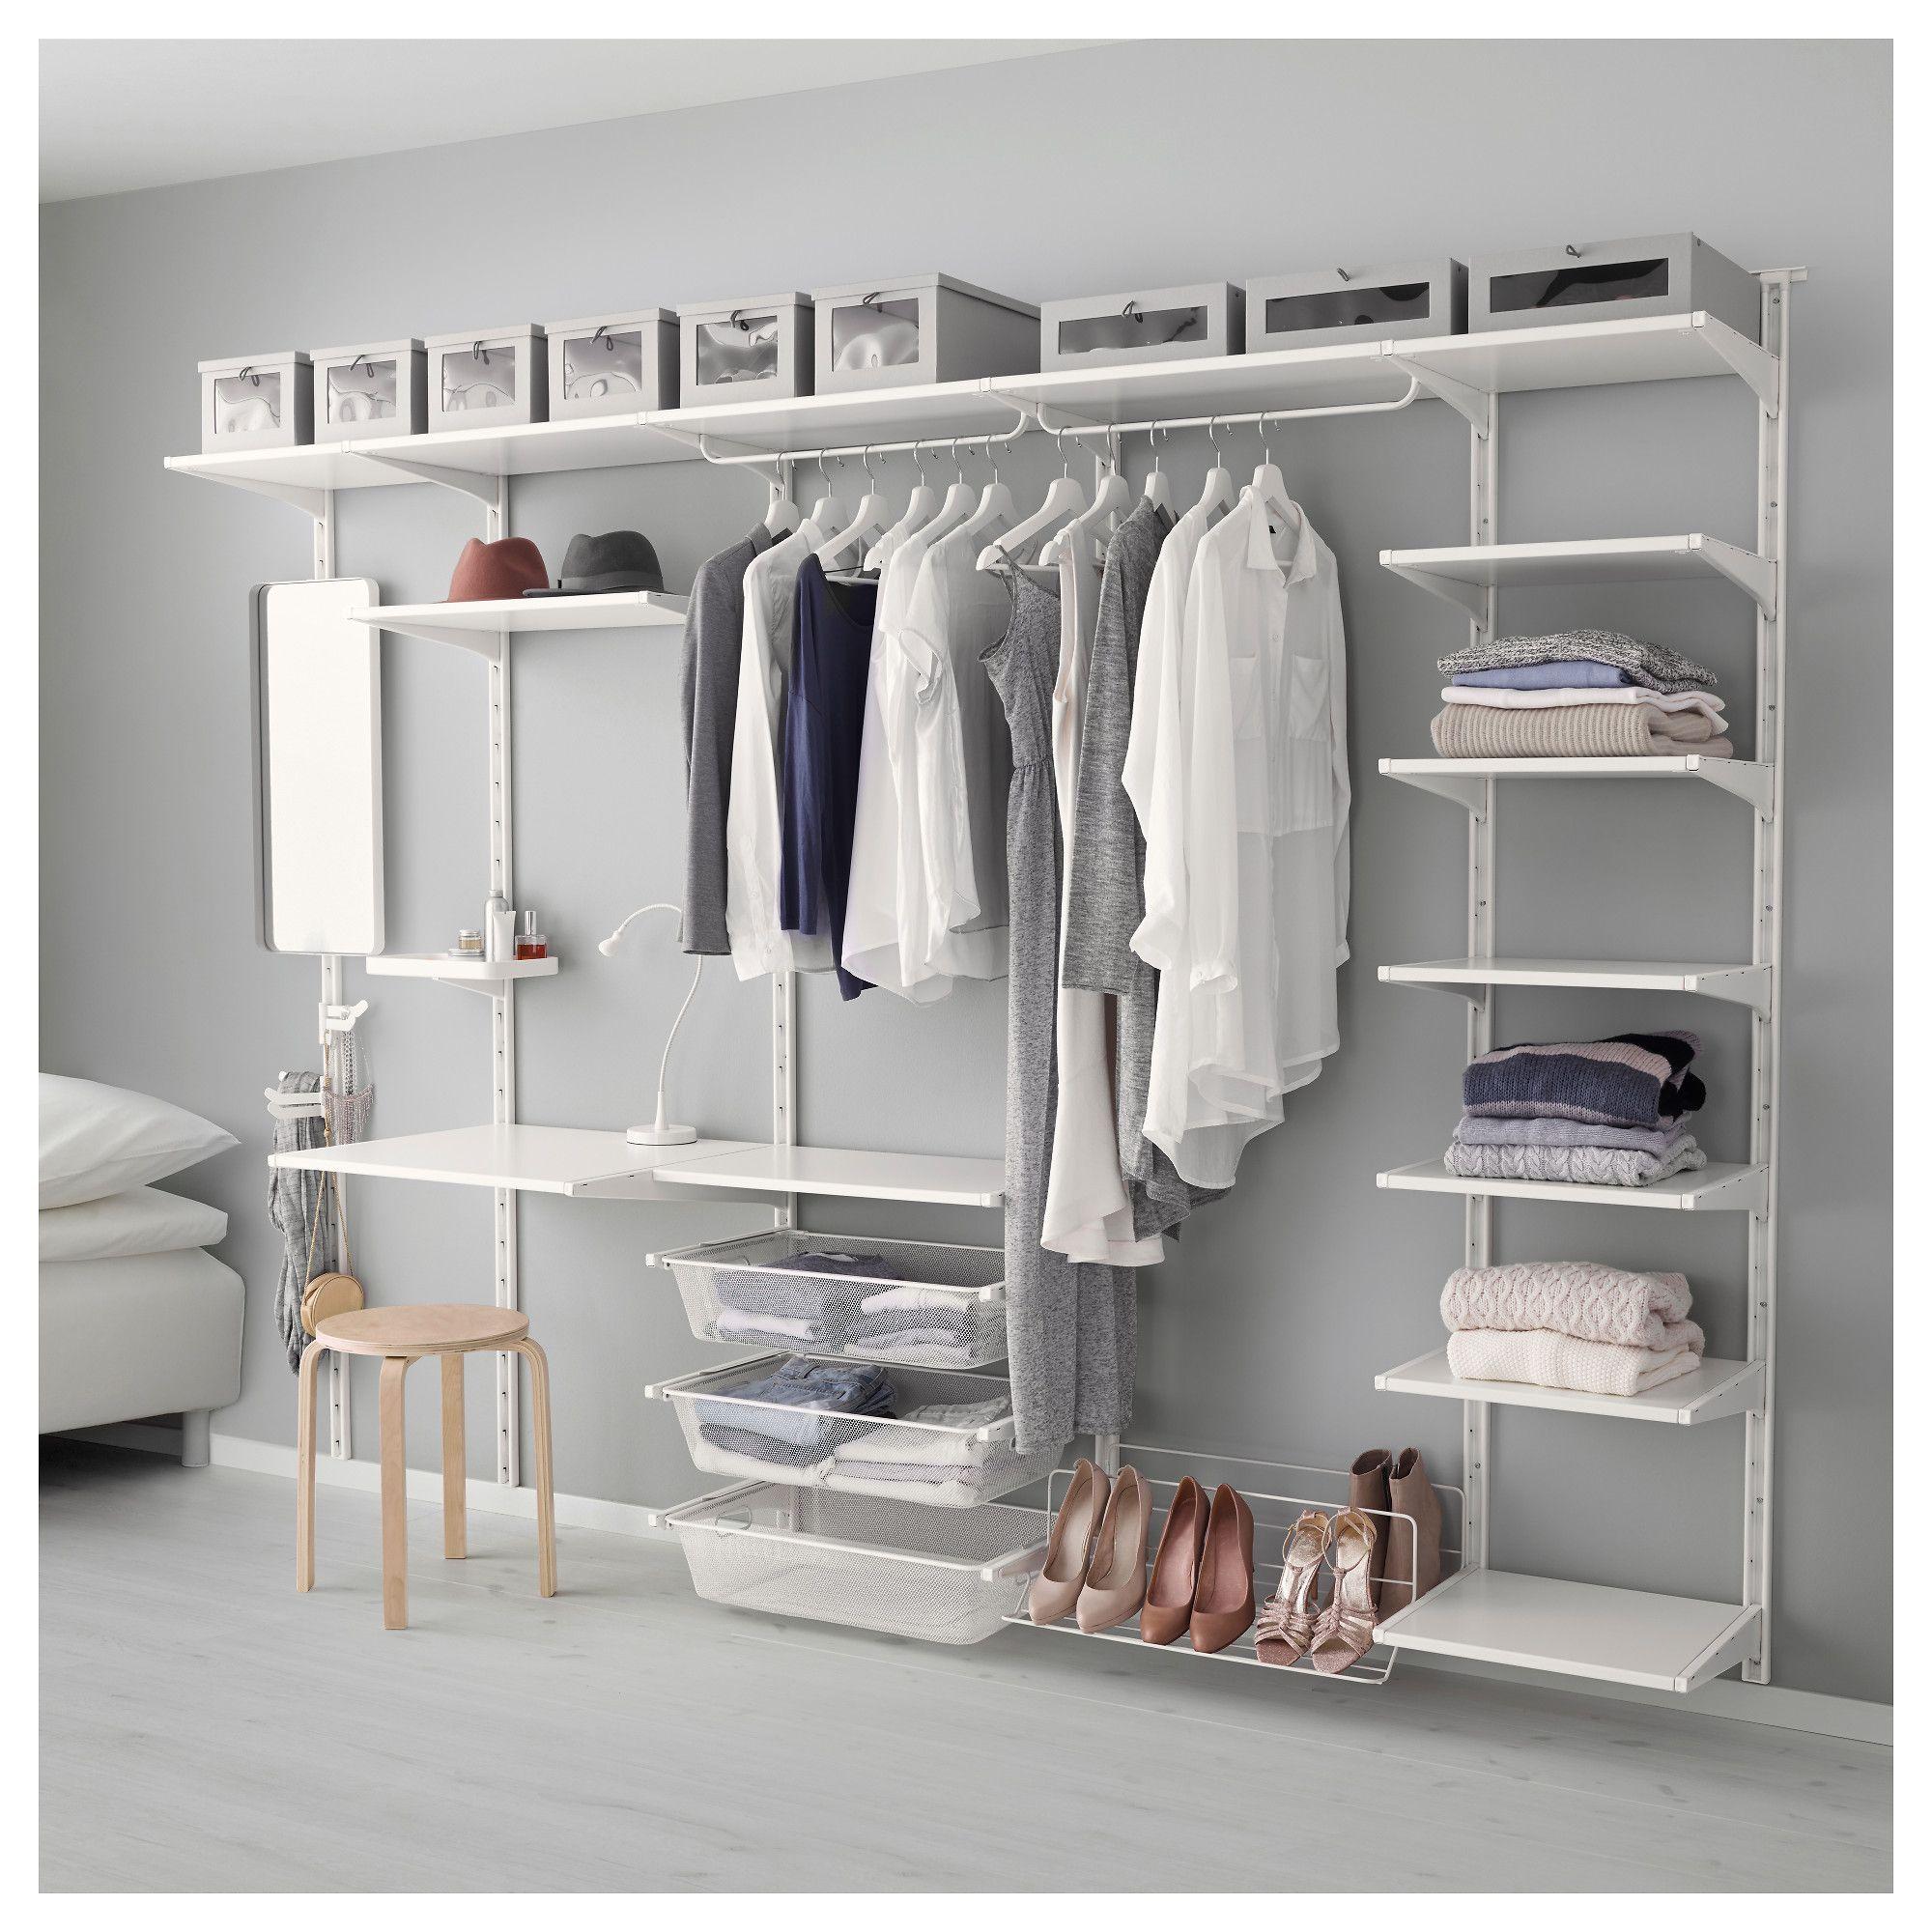 Accessori Per Cabina Armadio Ikea.Mobili E Accessori Per L Arredamento Della Casa Clothes Storage